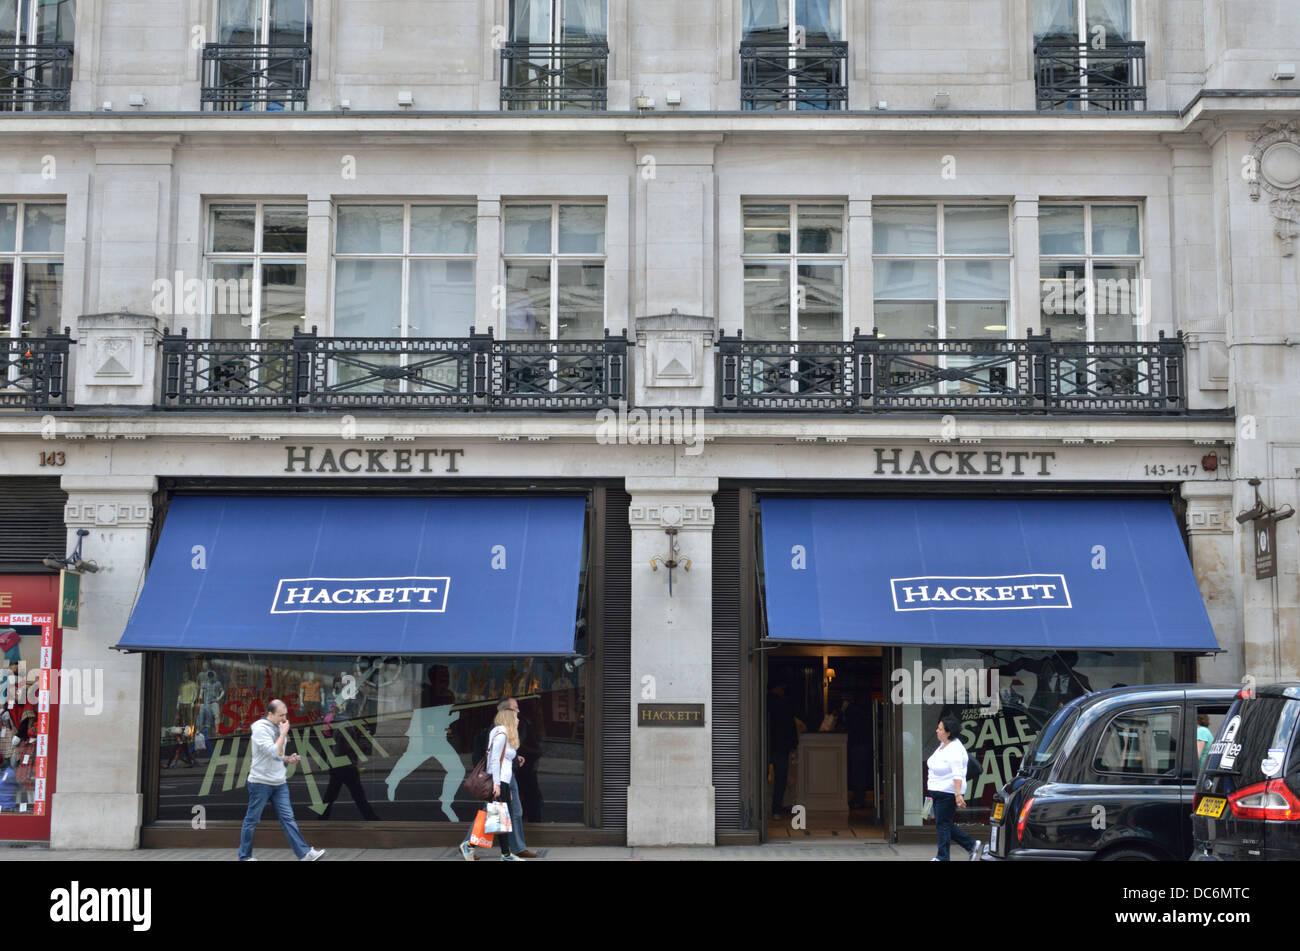 Hackett men's fashion store in Regent Street, London, UK. - Stock Image